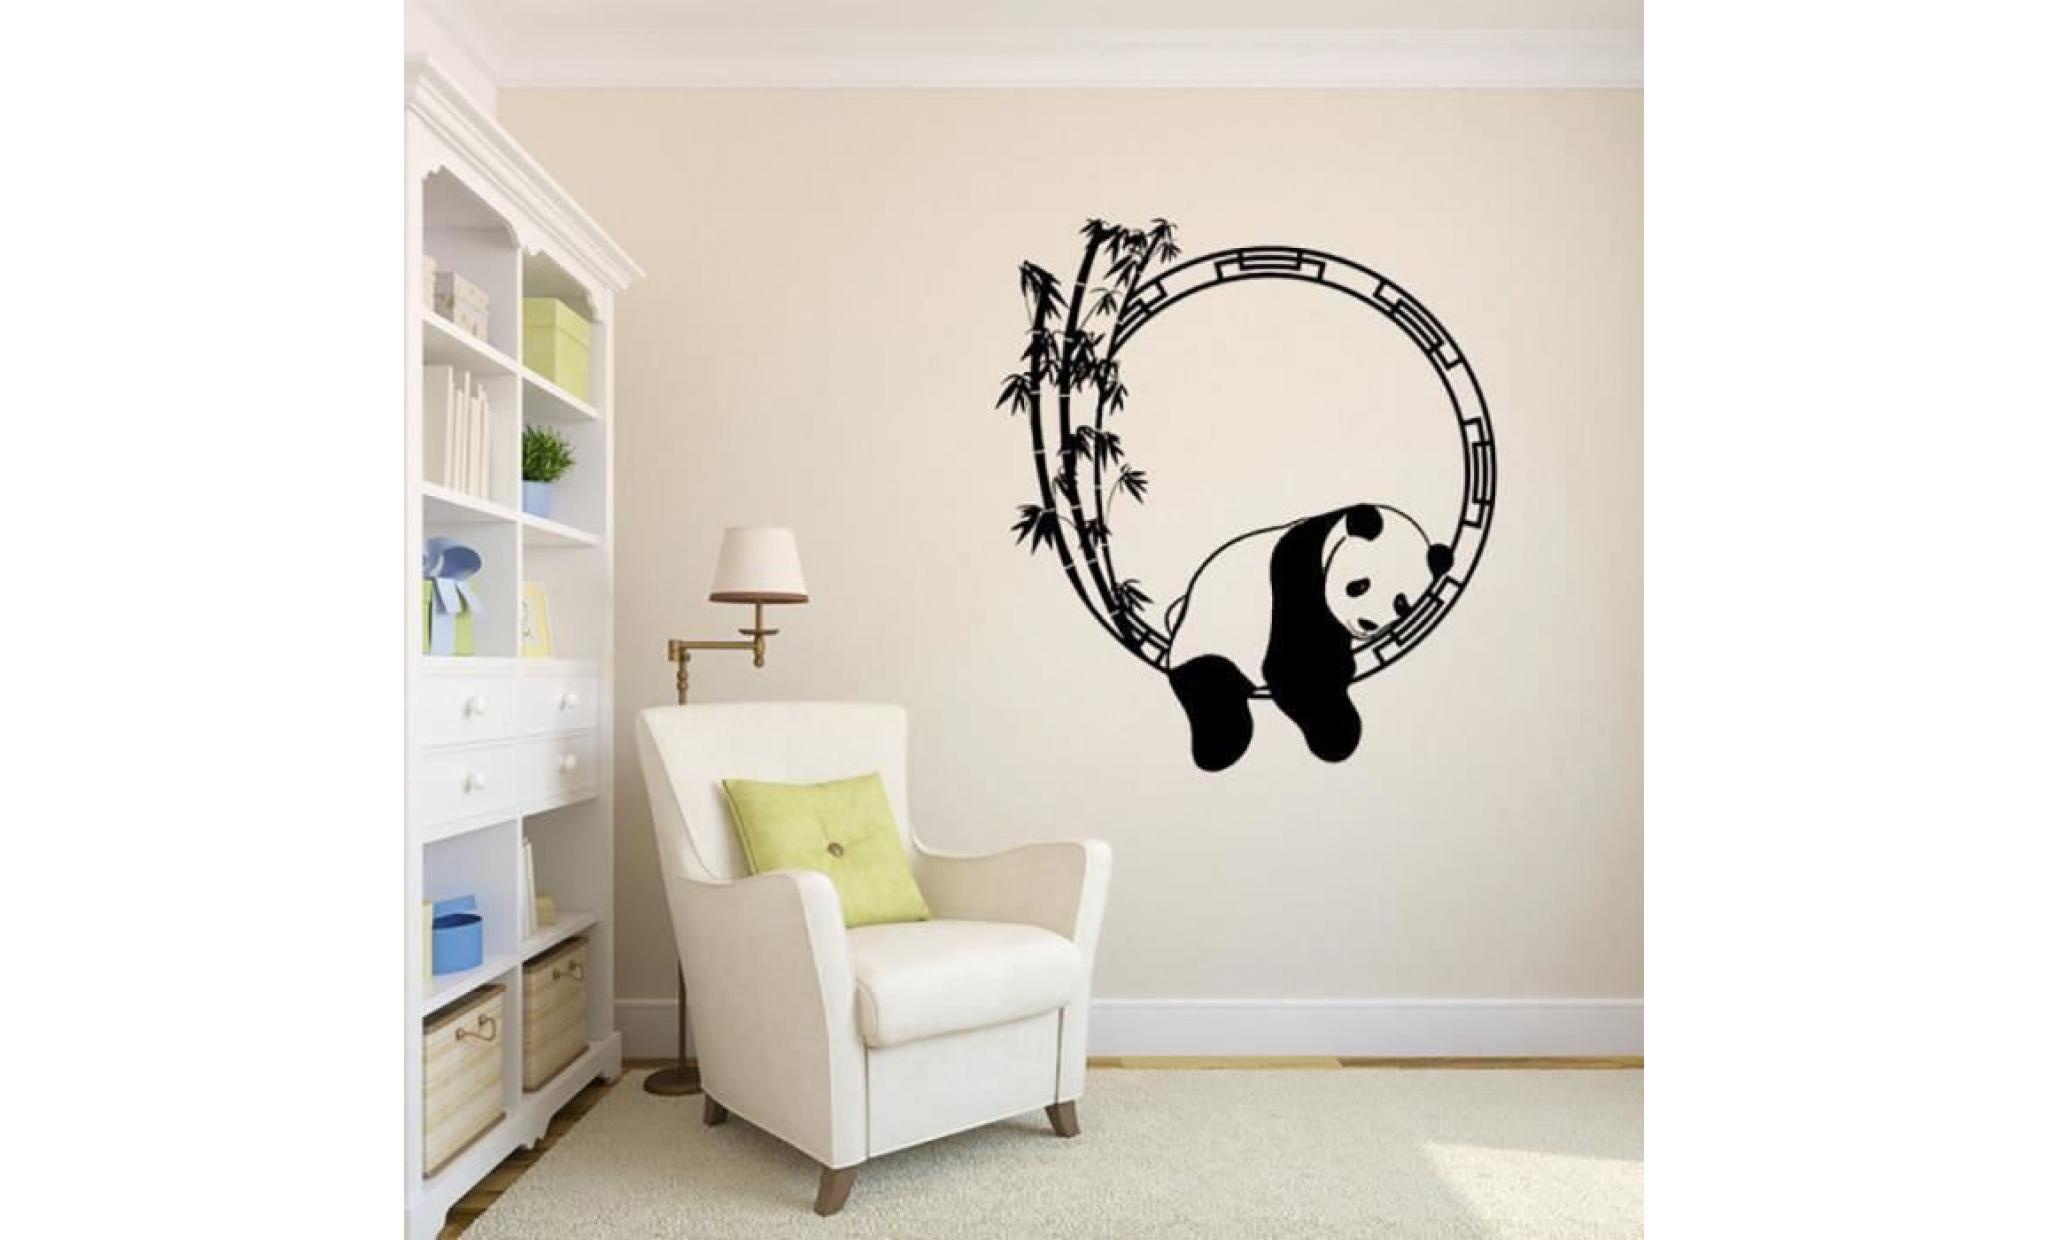 panda wall sticker amovible decalques art mural living room decors 1455 achat vente meuble tv pas cher couleur et design fr